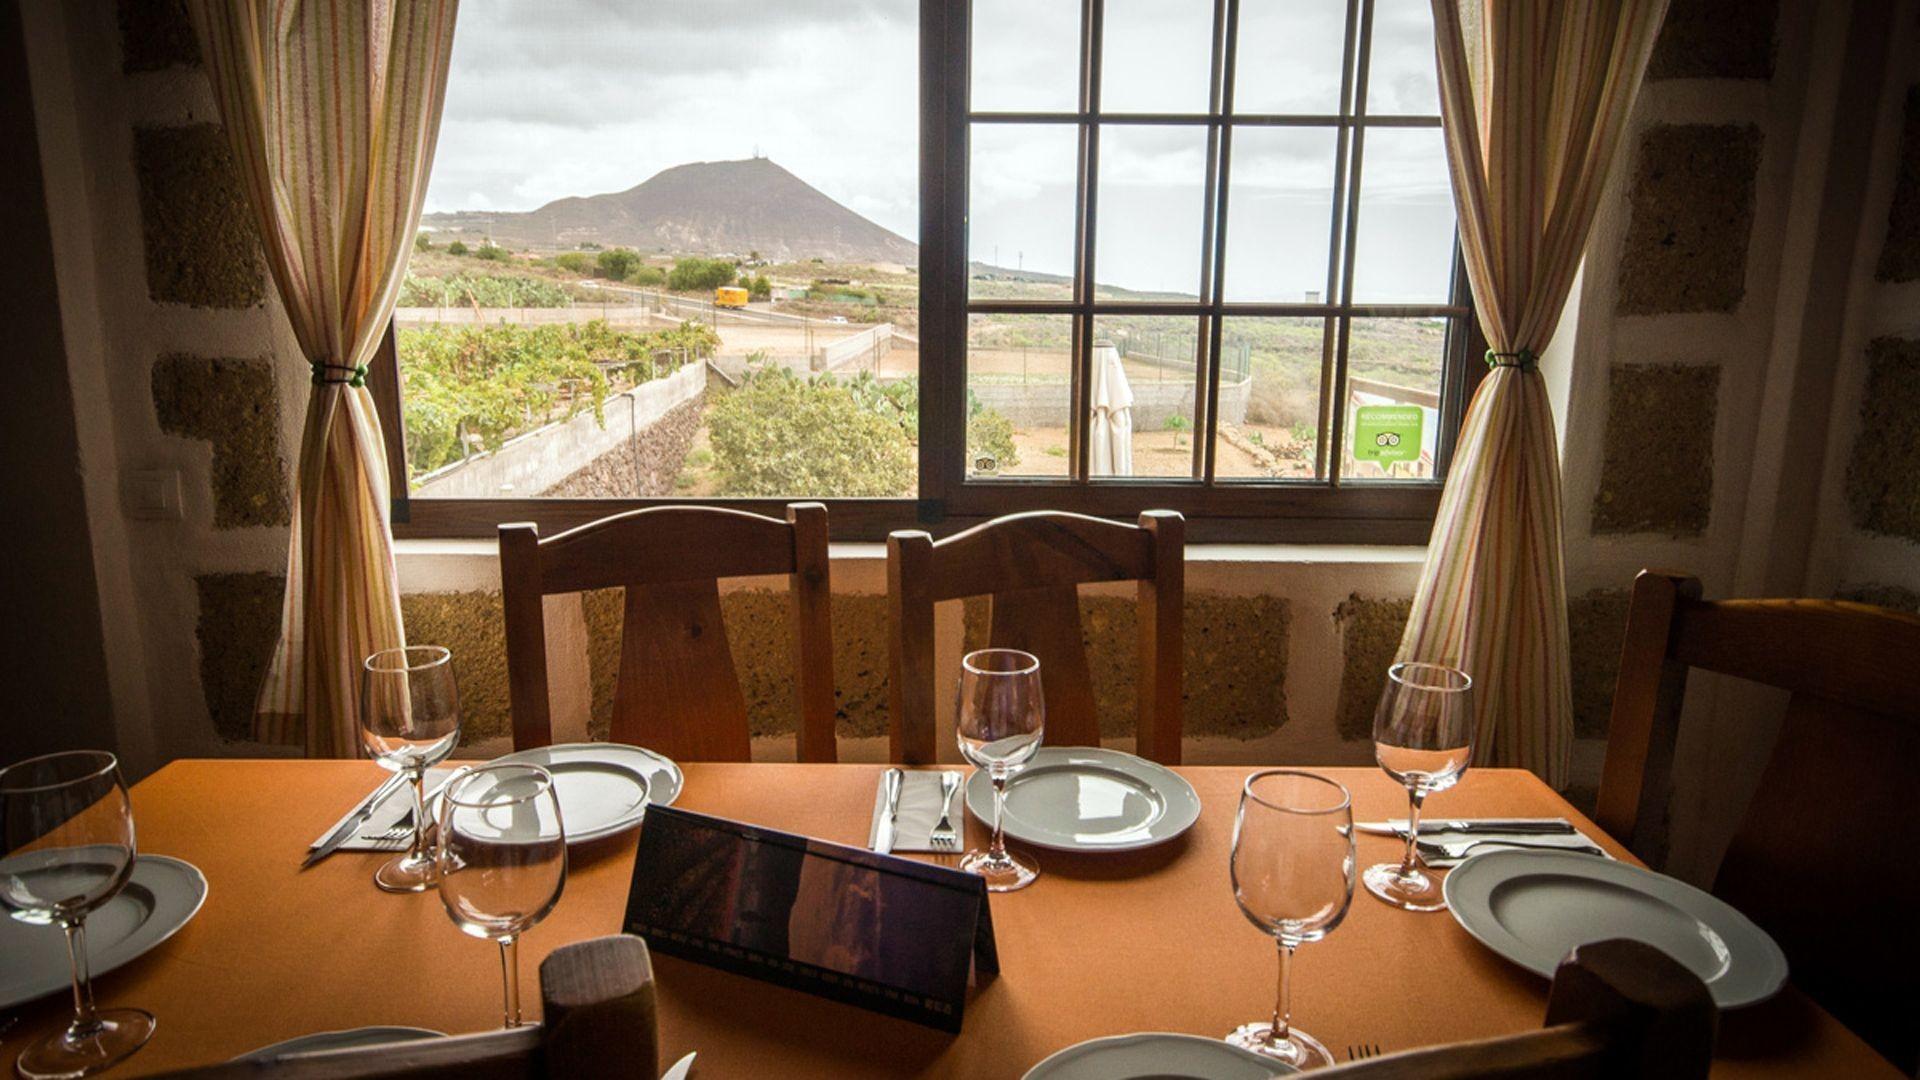 Fusión de gastronomía canaria y mediterránea en Santa Cruz de Tenerife